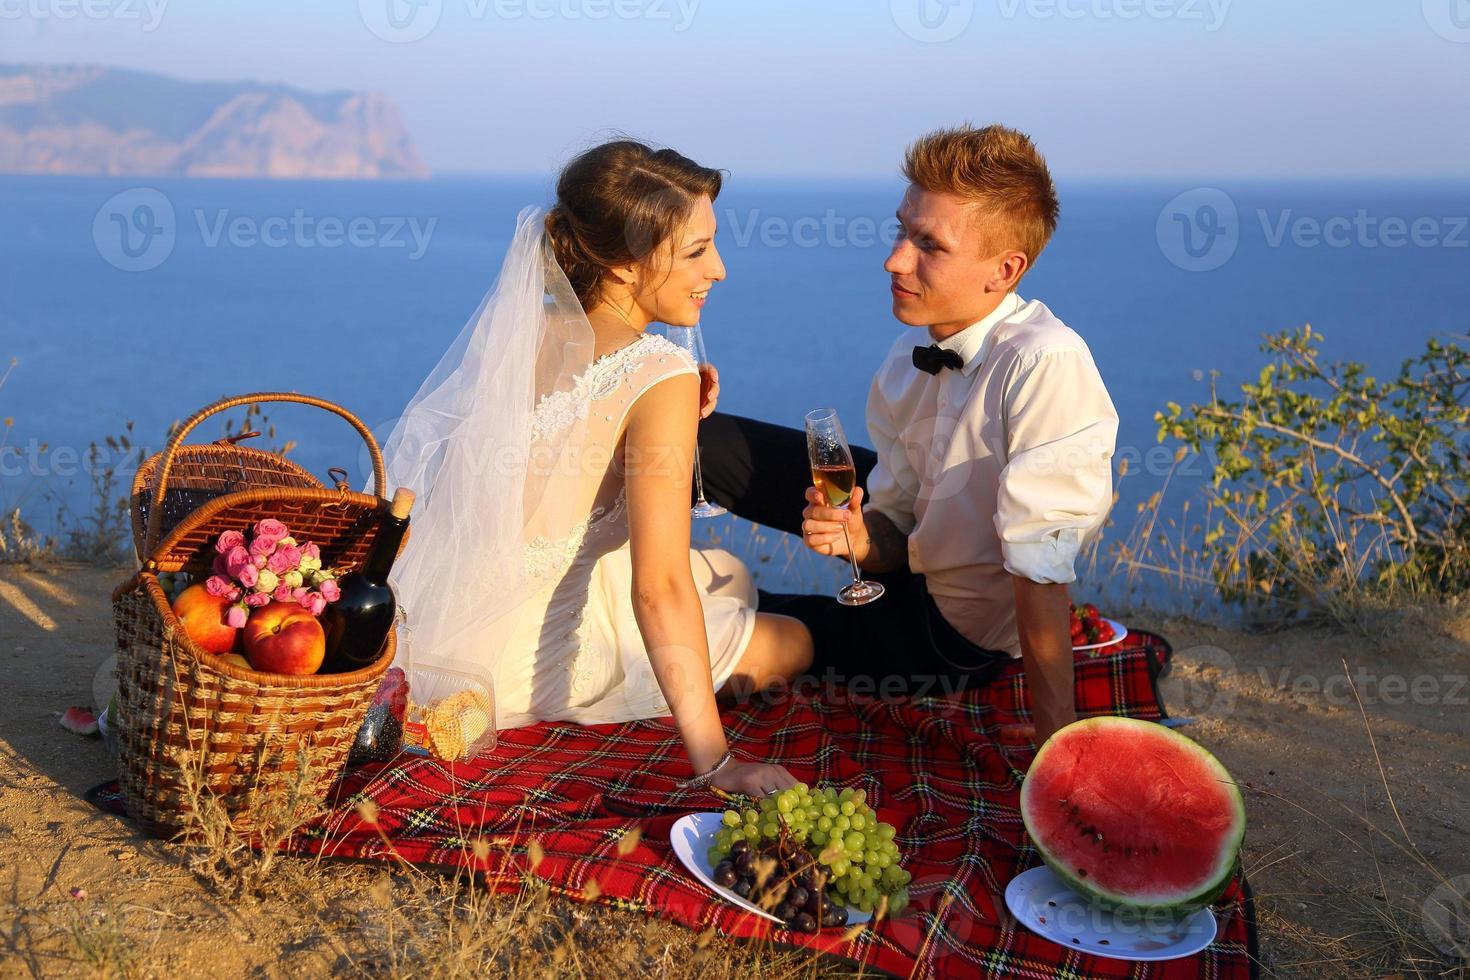 picnic de bodas en la costa foto